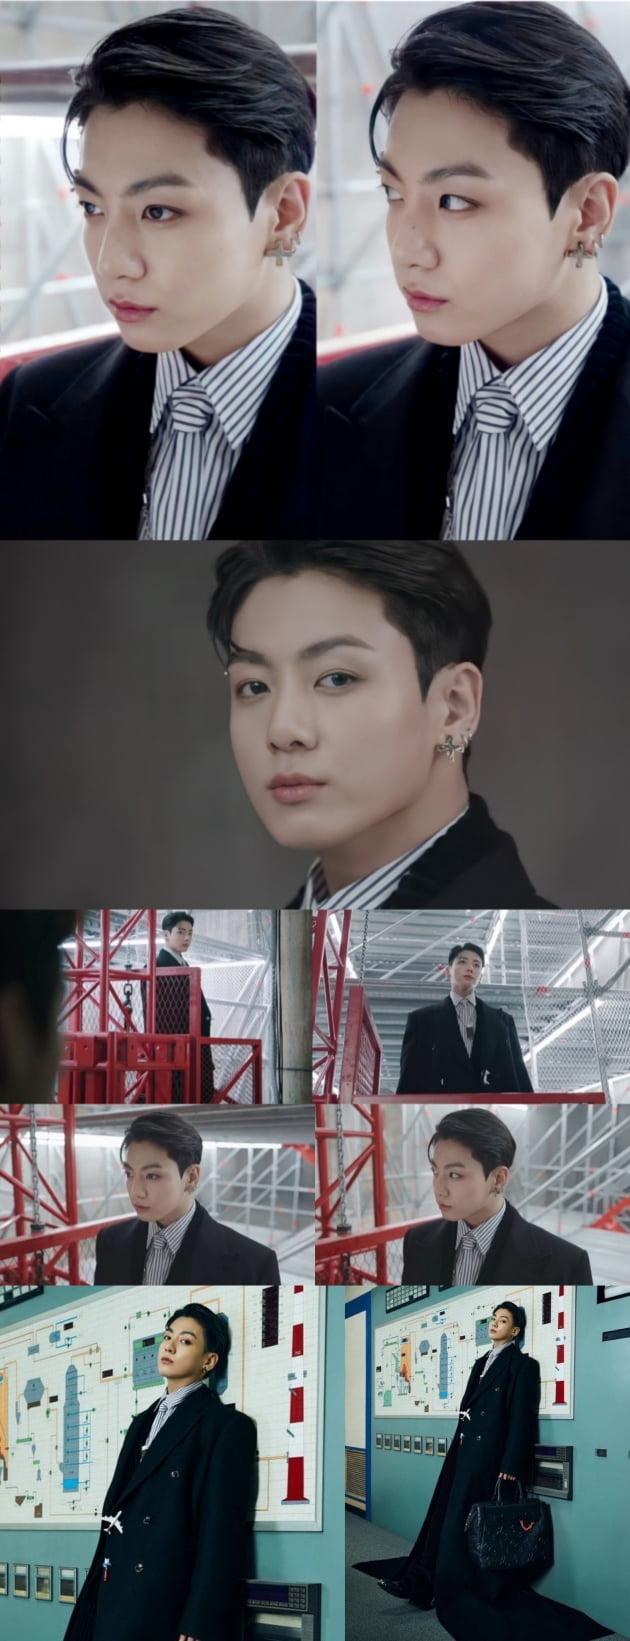 방탄소년단 정국 '차도남'의 톱 모델 포스...72개 국가 실트 '폭발적 인기'